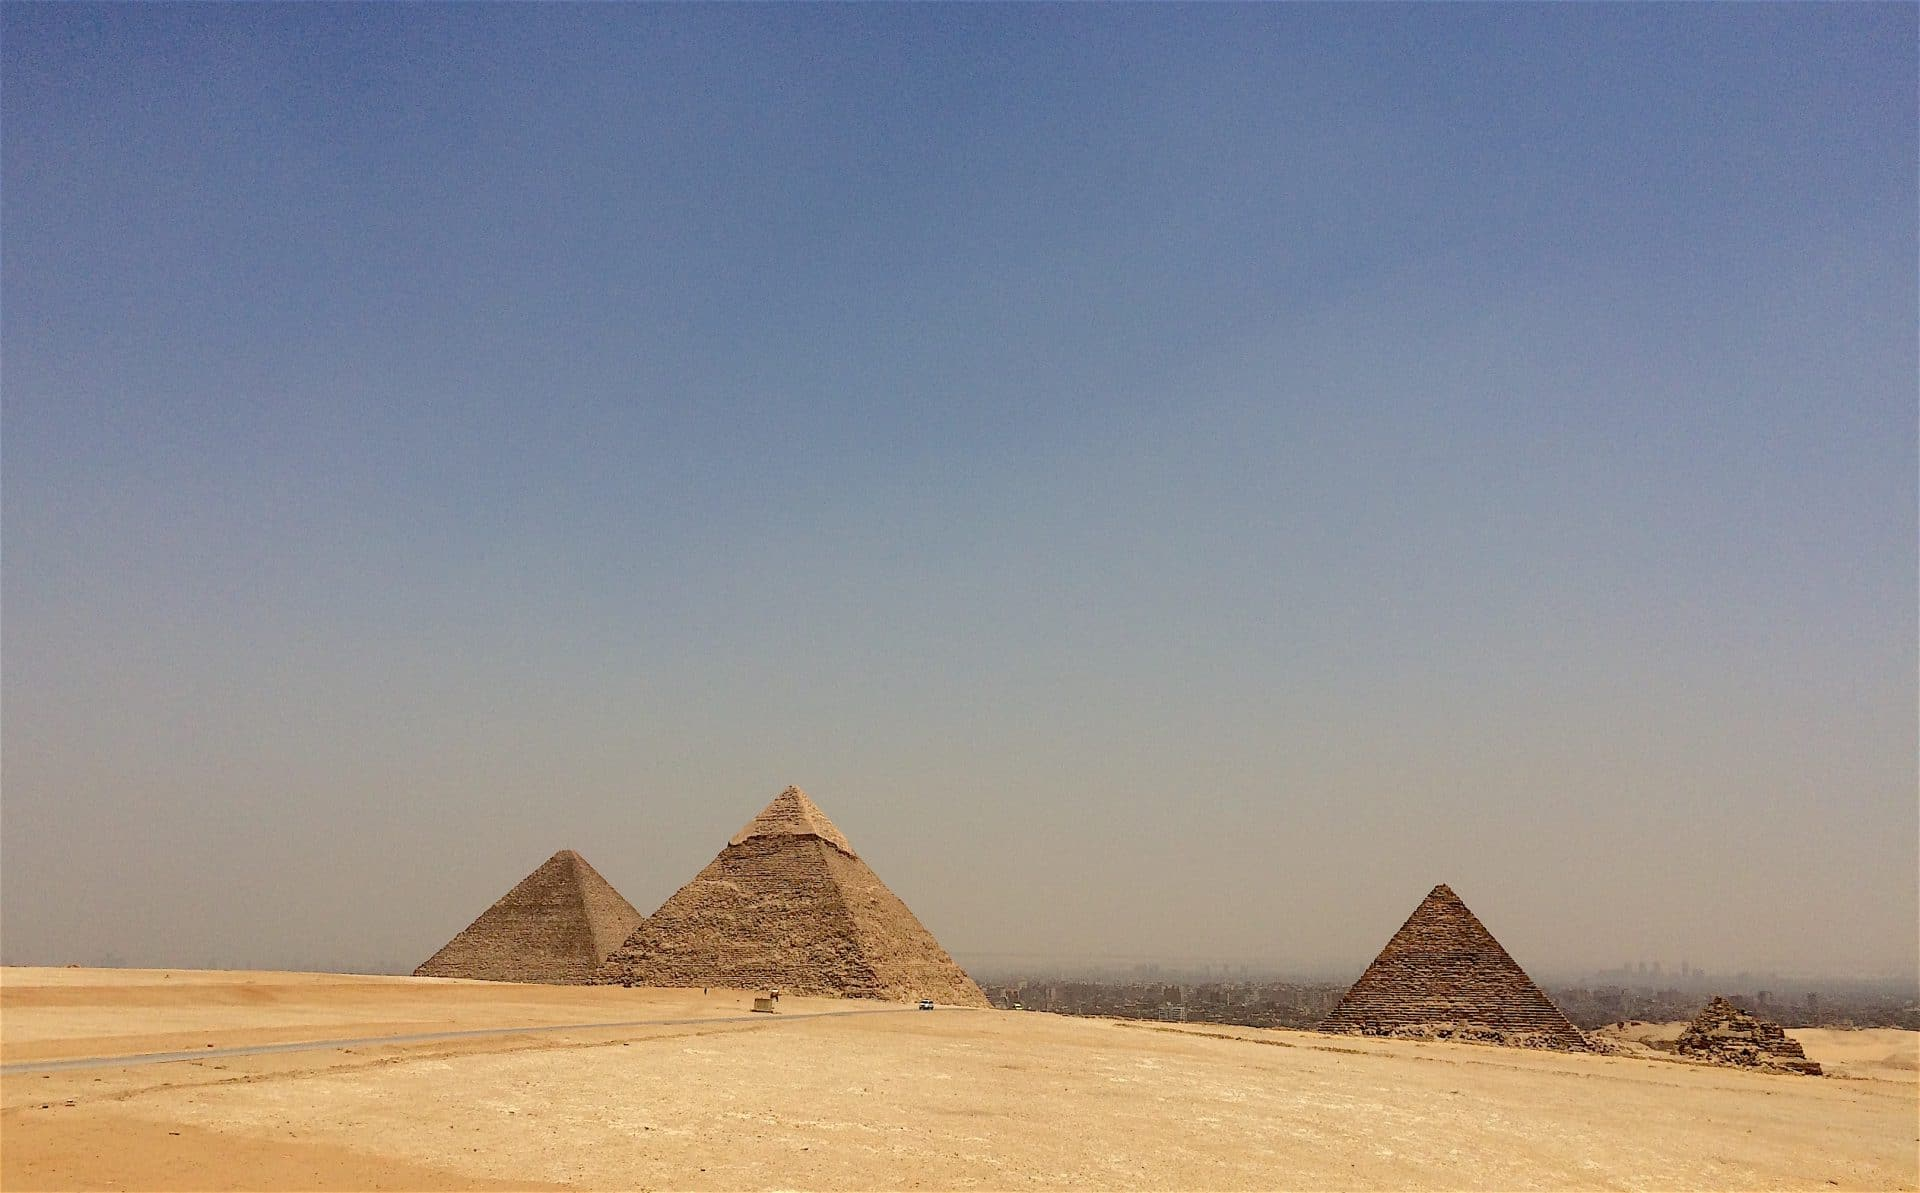 القول بأن أهرامات إفريقيا بنتها كائنات فضائية يدل على العنصرية Pyramidy of Giza, Egypt – © Photo: Hakim Khatib MPC Journal